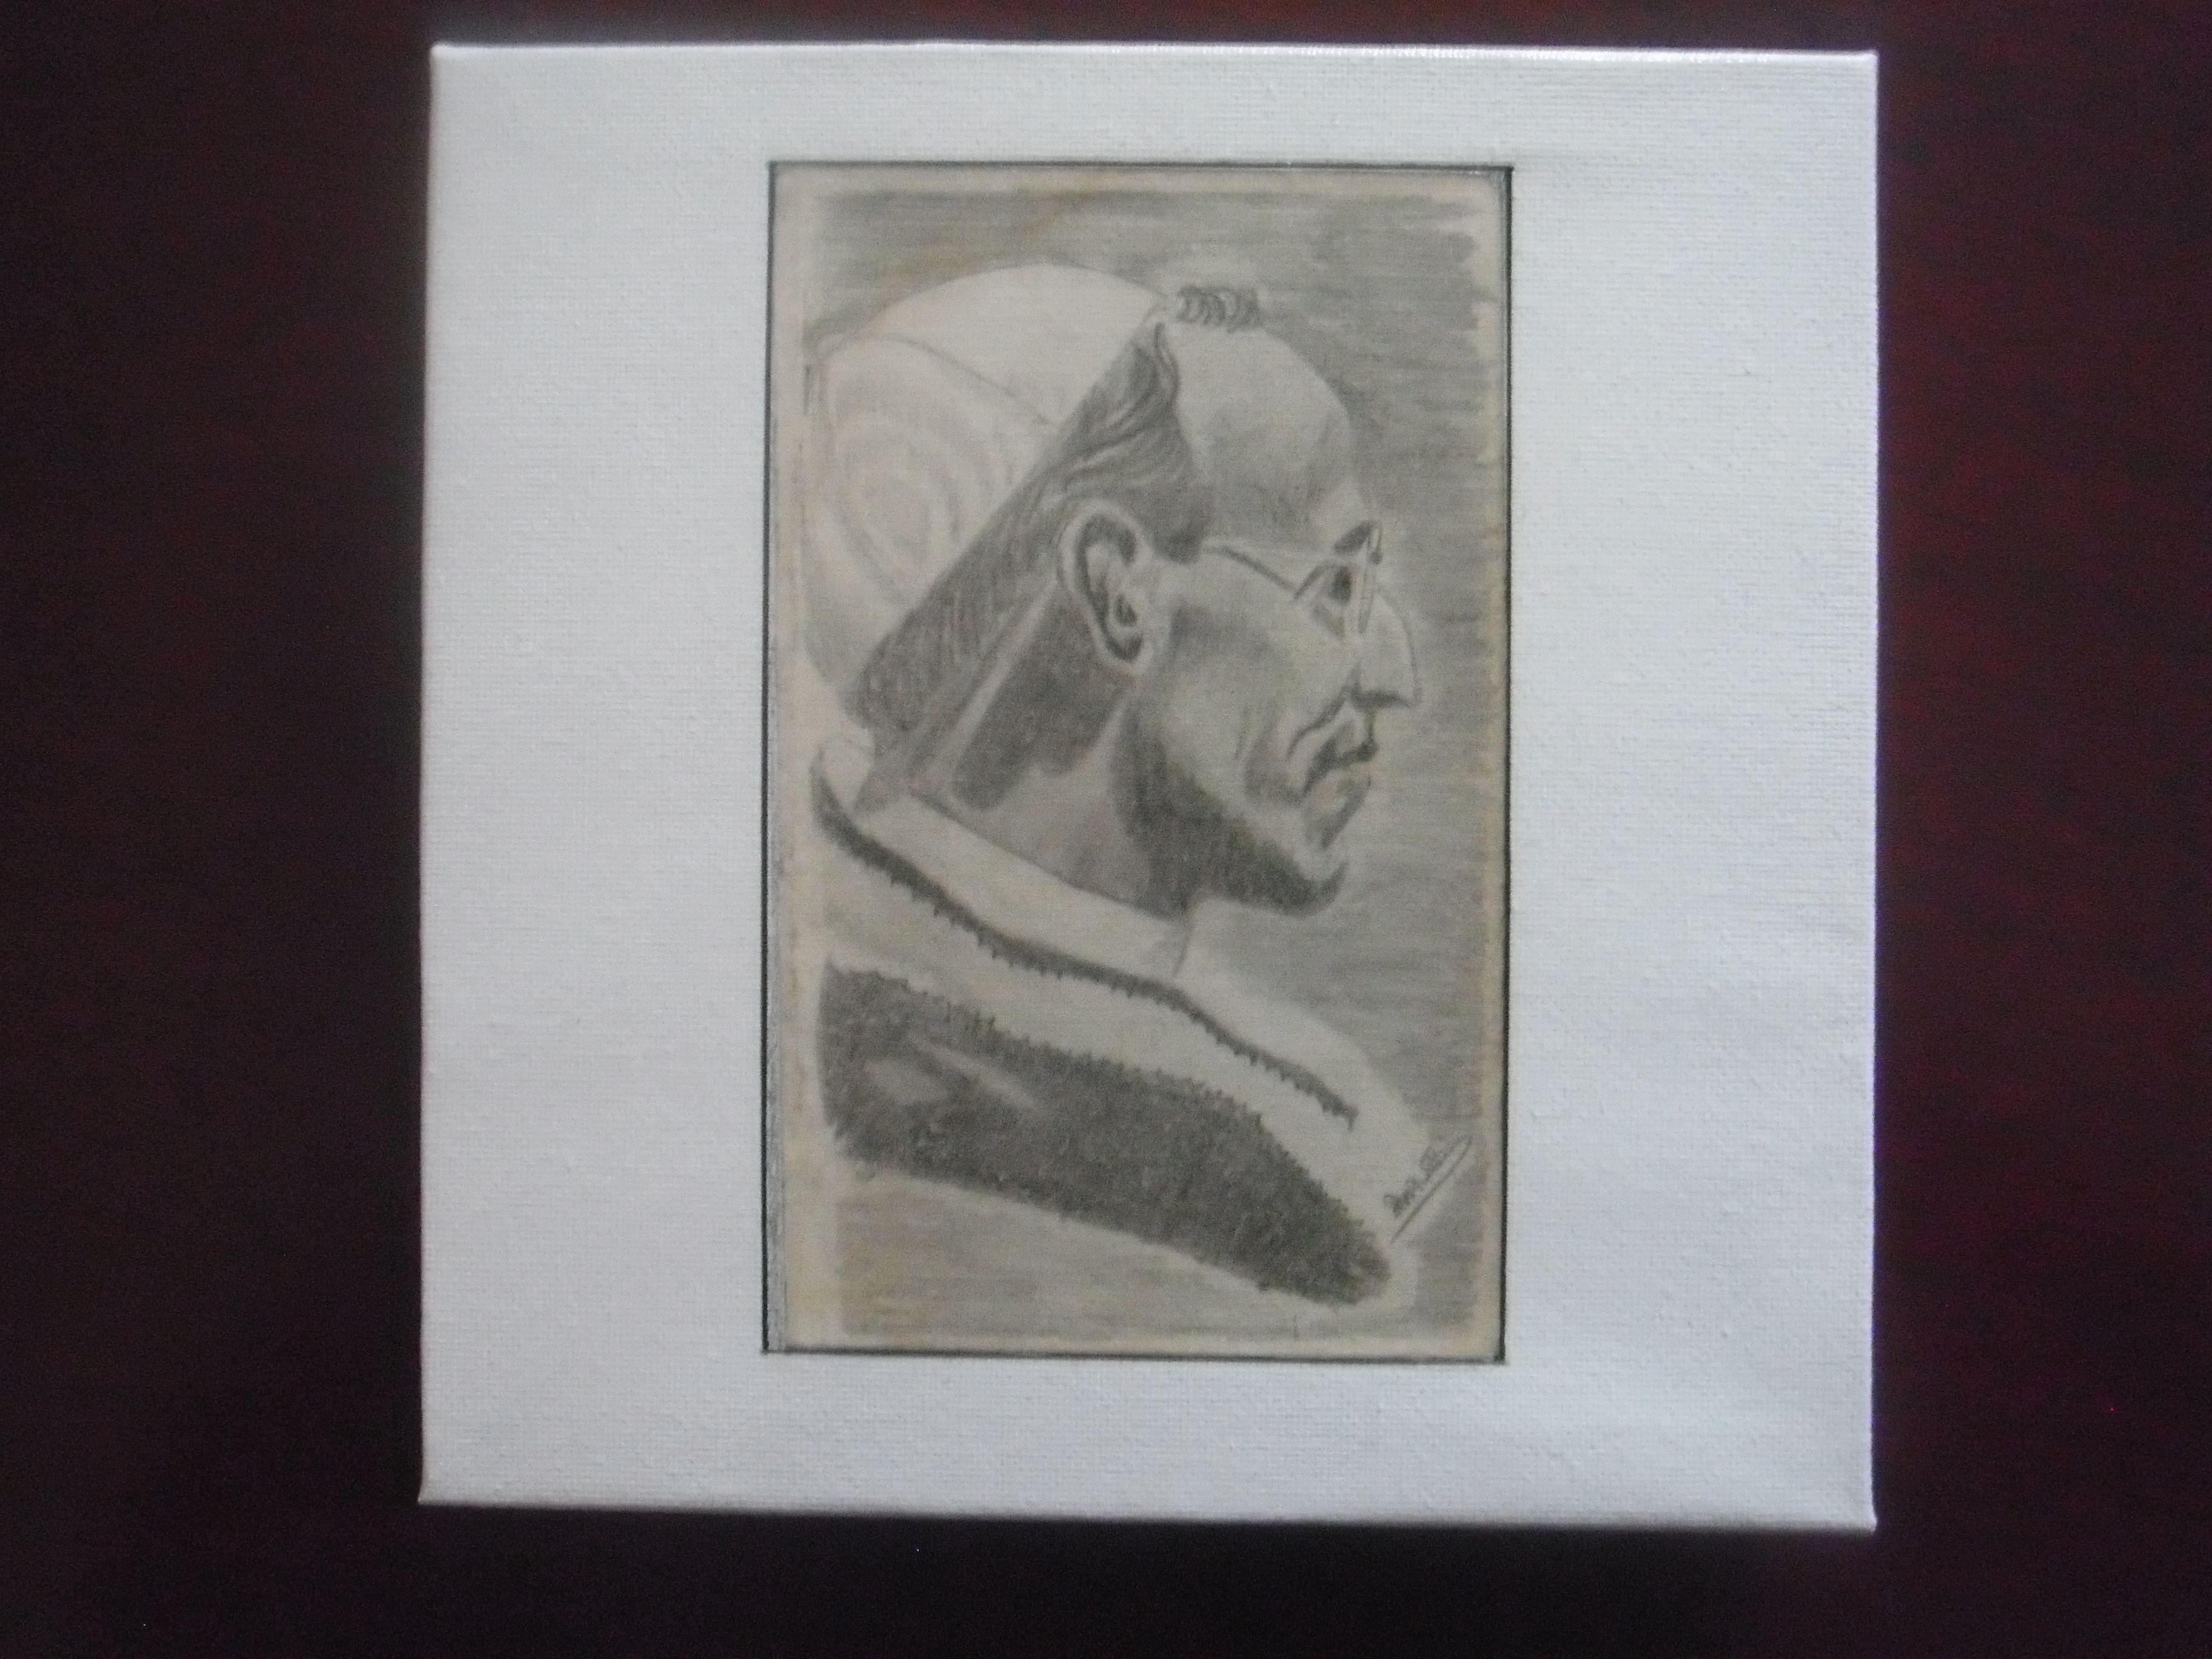 een los in een boek gevonden echte potloodtekening,  geplakt en gelakt op een schildersdoekje, voor zr dorothea